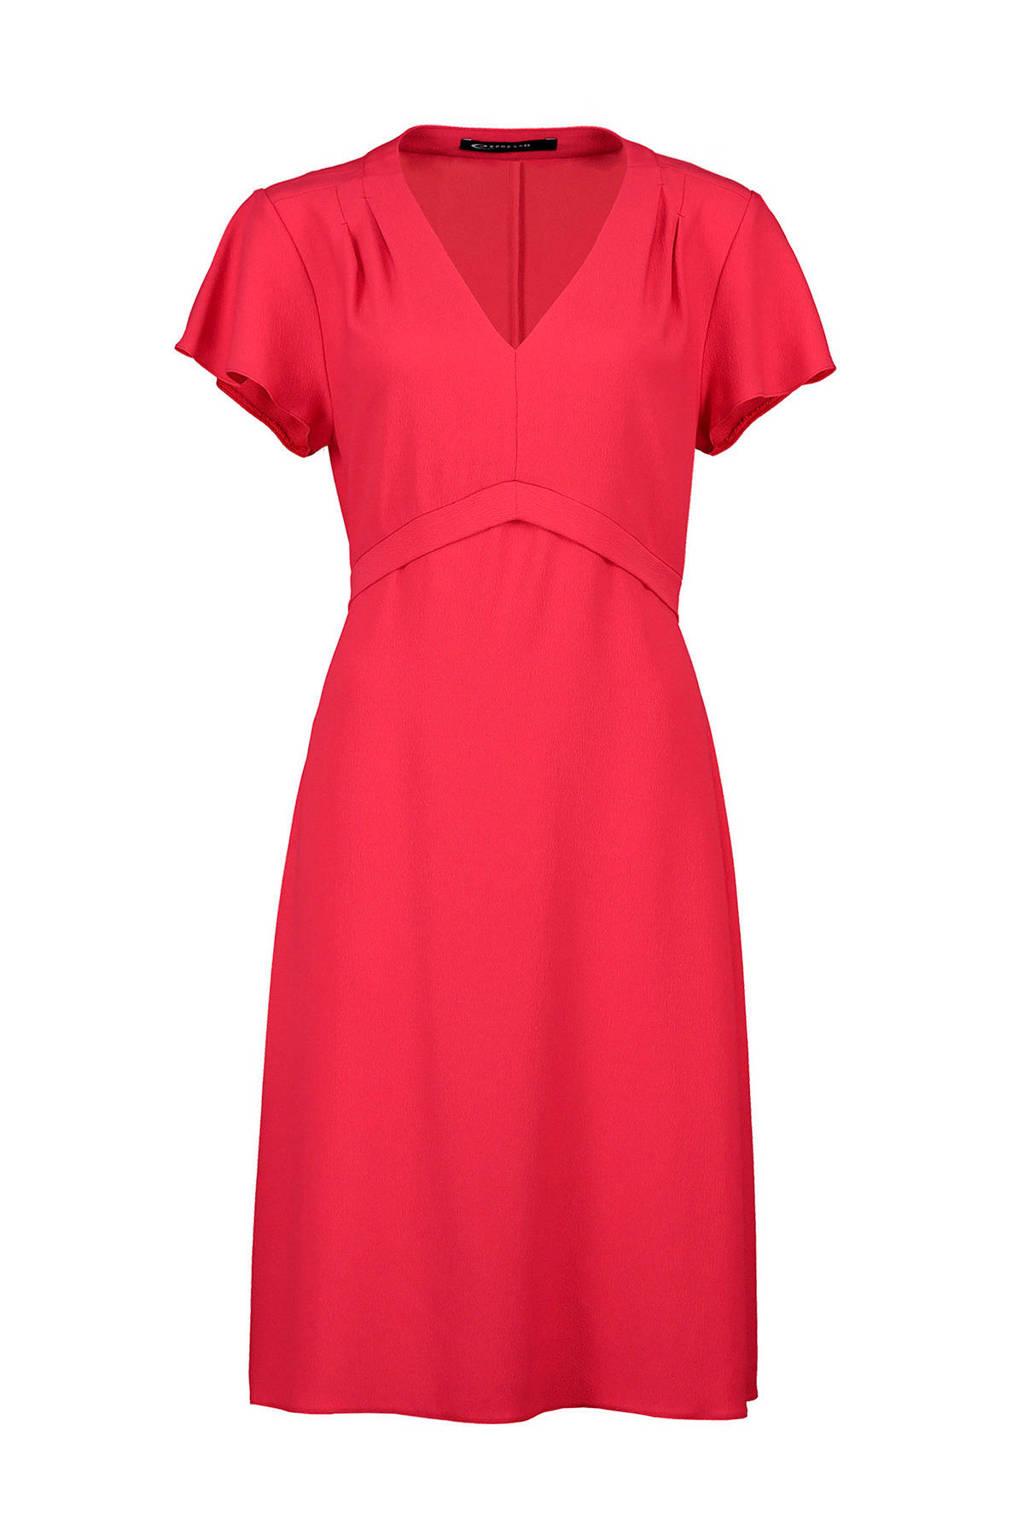 Expresso Enneke jurk roze, Roze